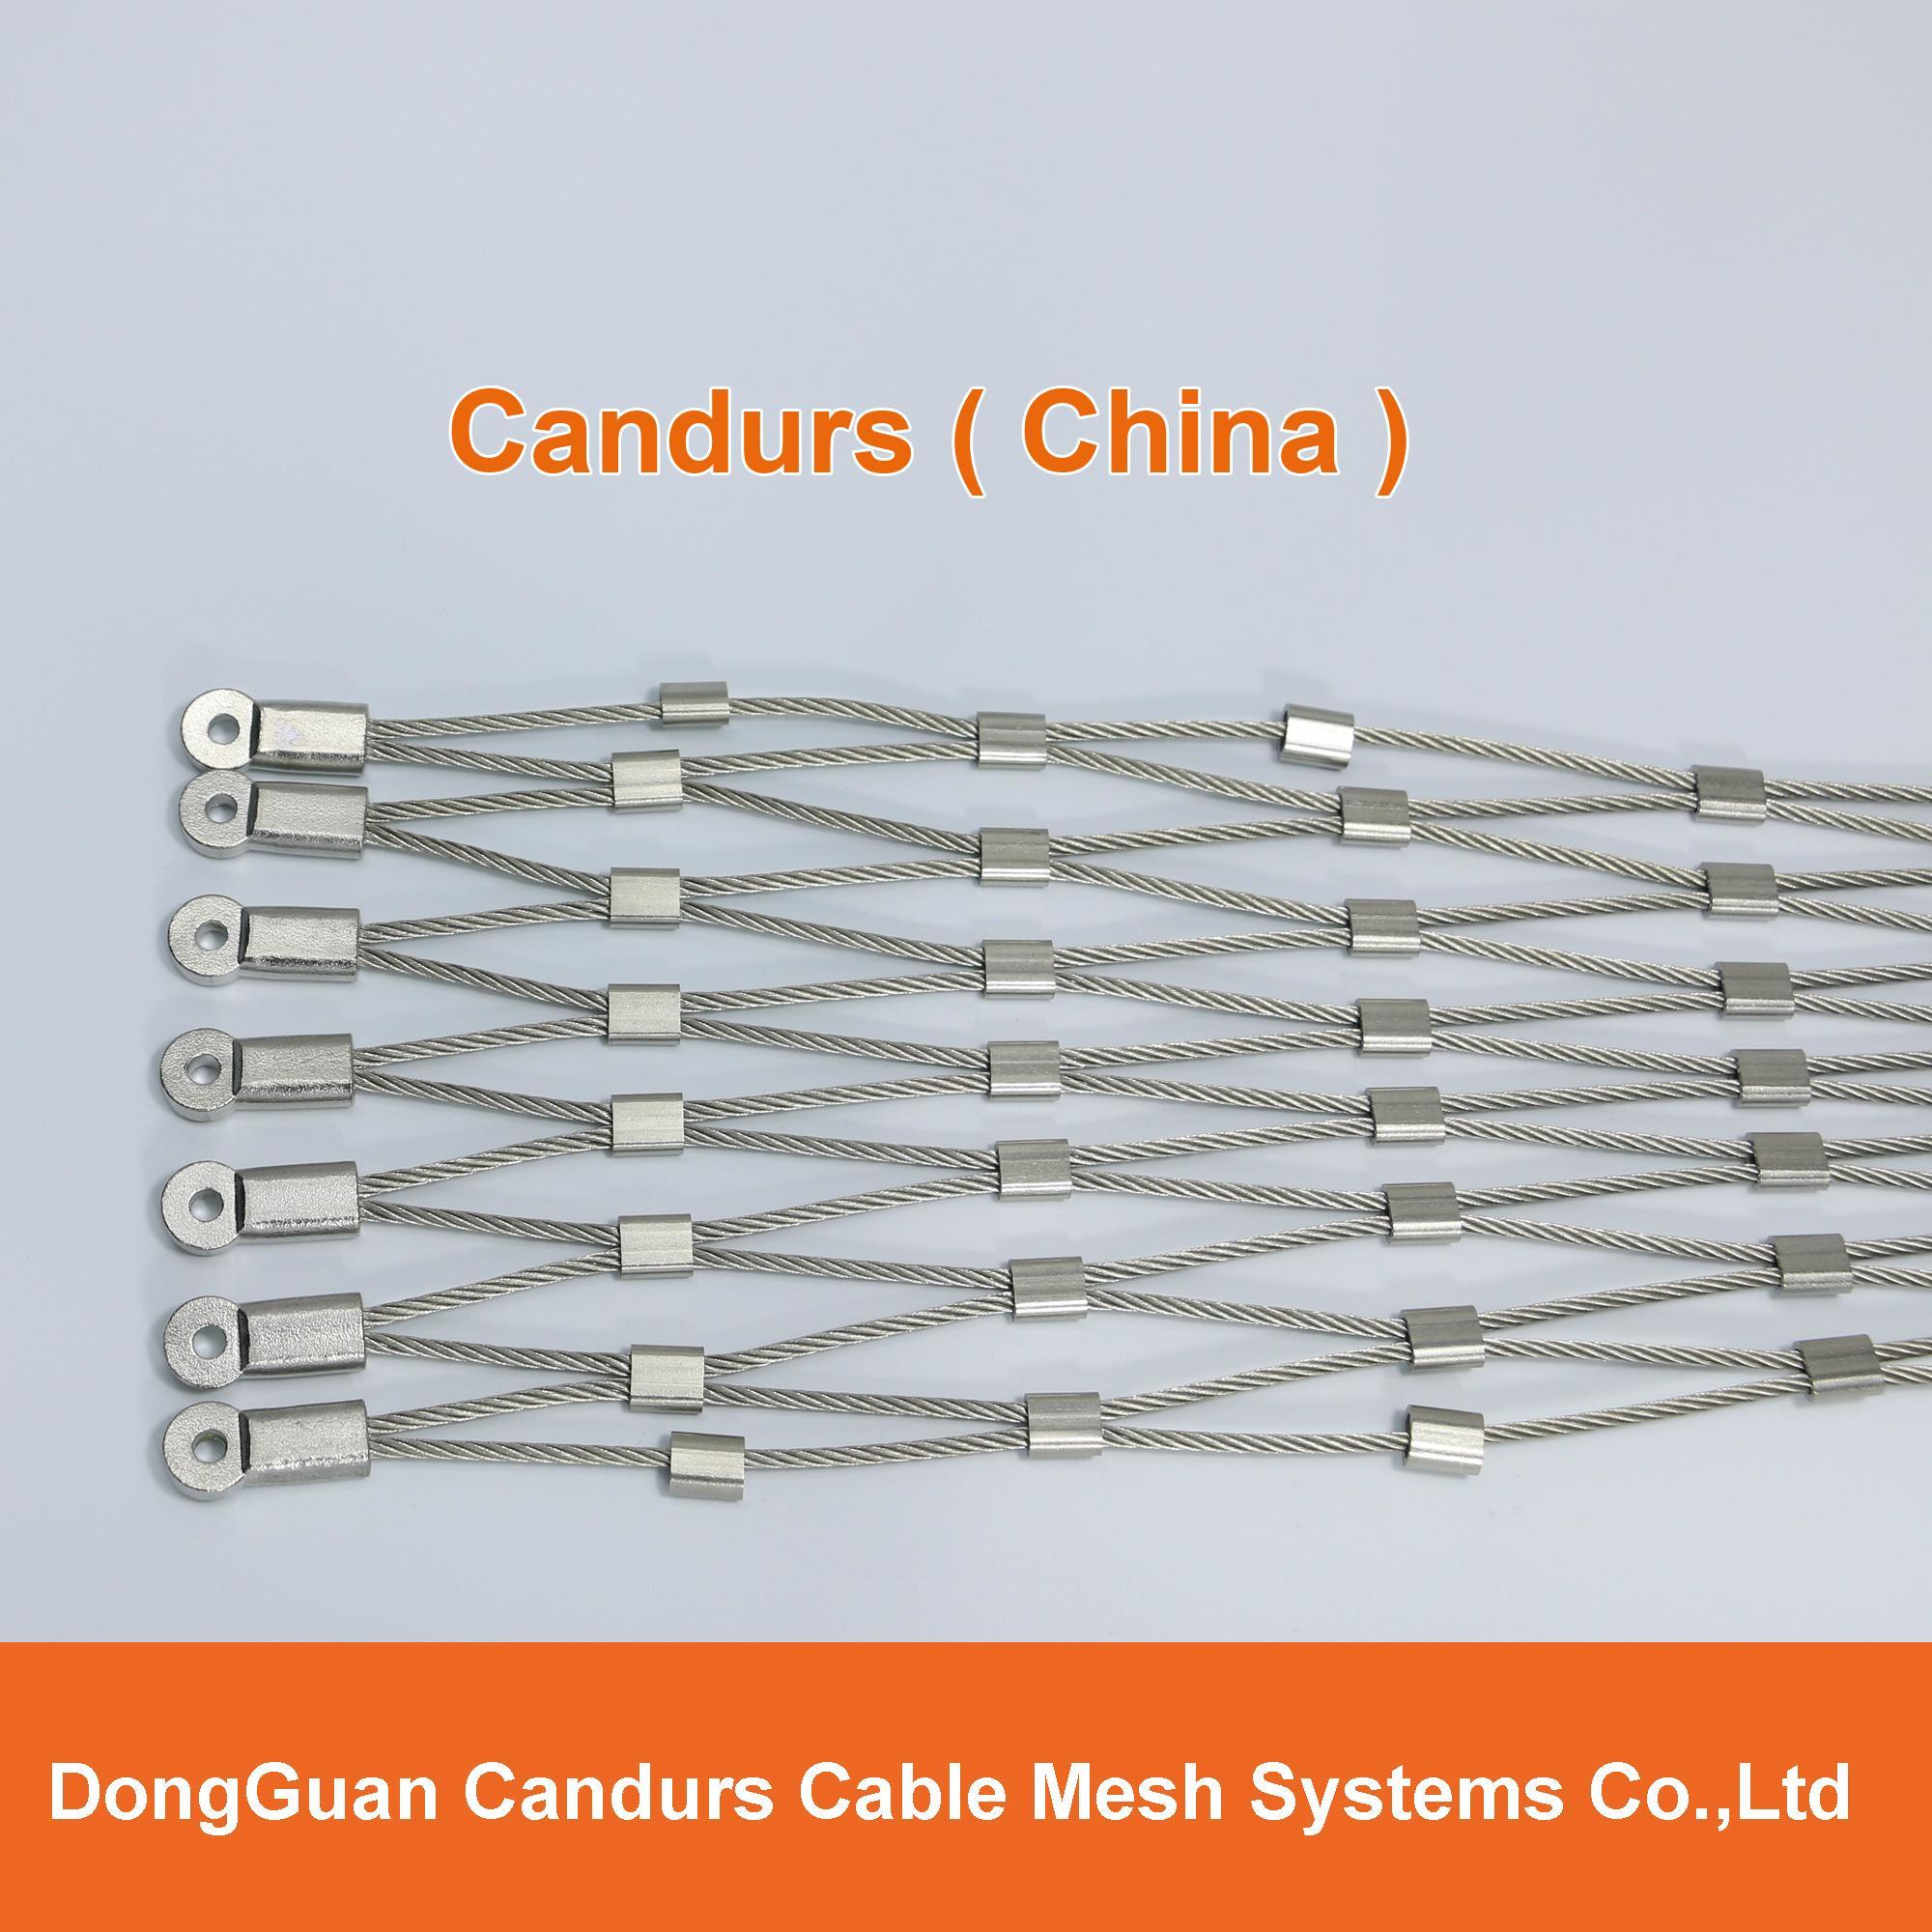 供應不鏽鋼壓扣鋼絲繩網 16